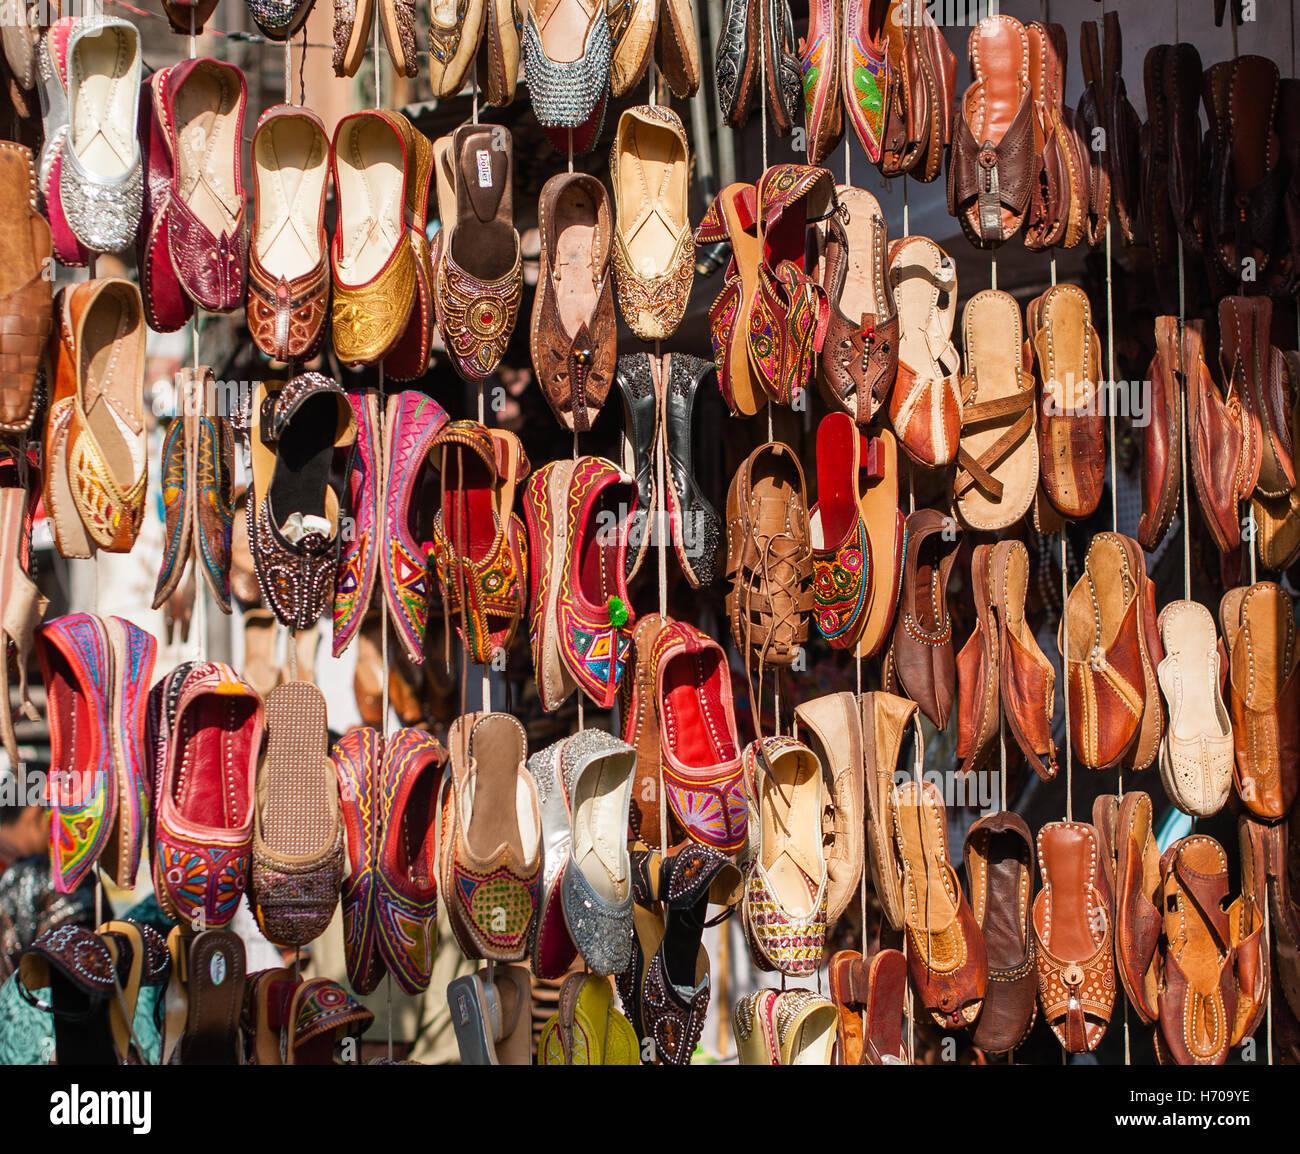 3f00cf147caf Indische Schuhe Stockfoto, Bild  124782994 - Alamy